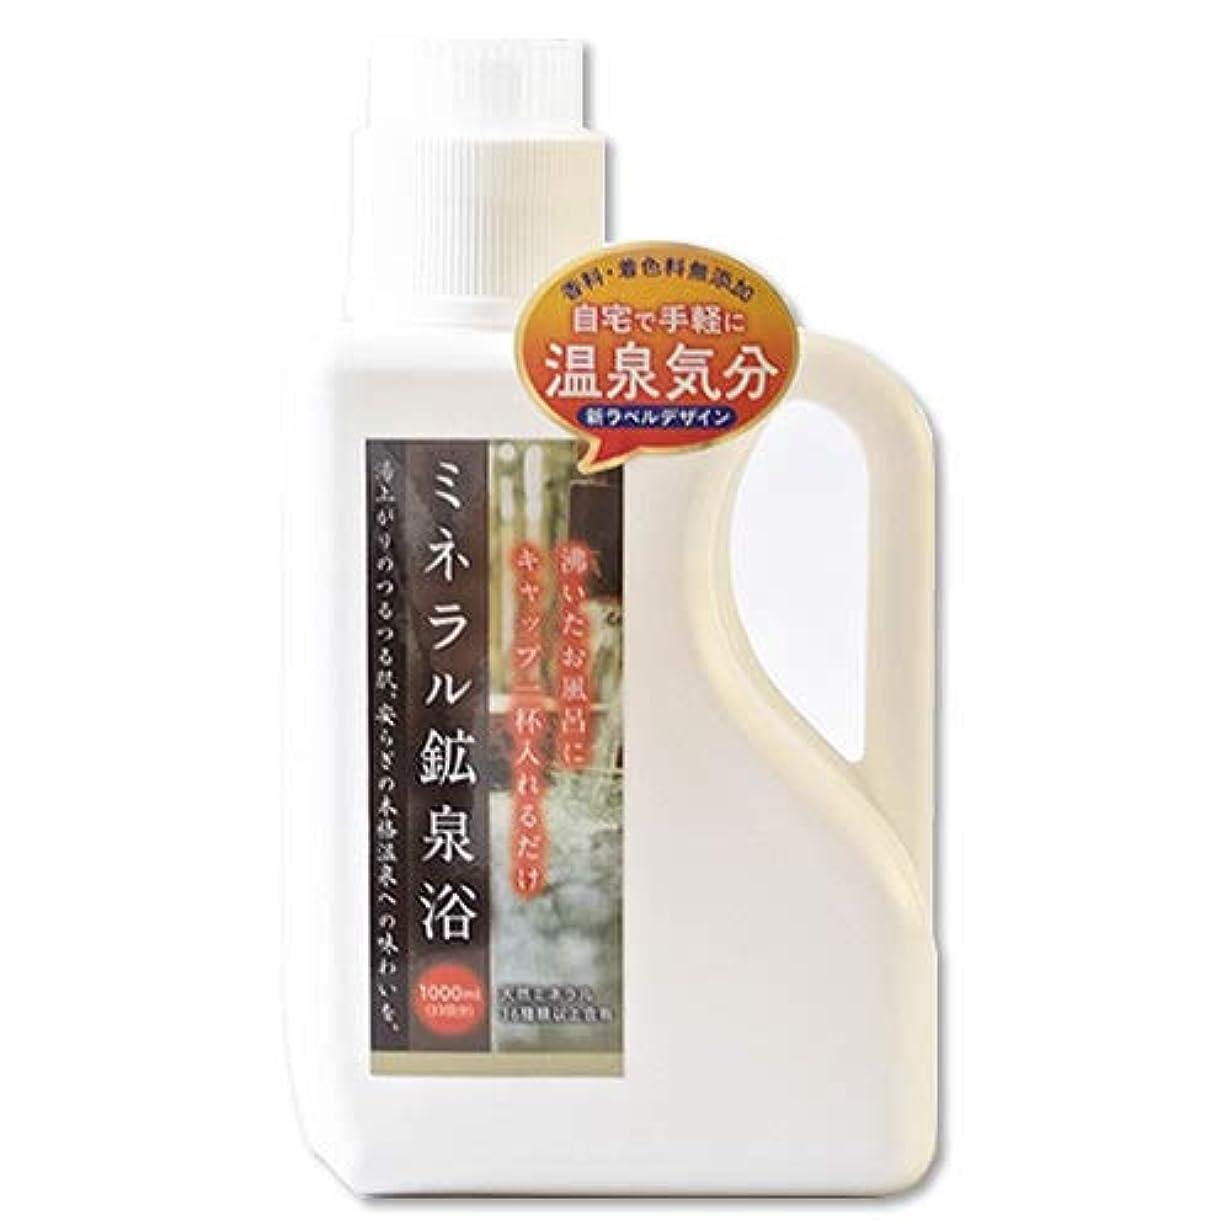 ミネラル鉱泉浴50(1L) ?約1か月分? 汗が出やすくミネラル効果にビックリ! 身体を芯から温める ミネラル風呂